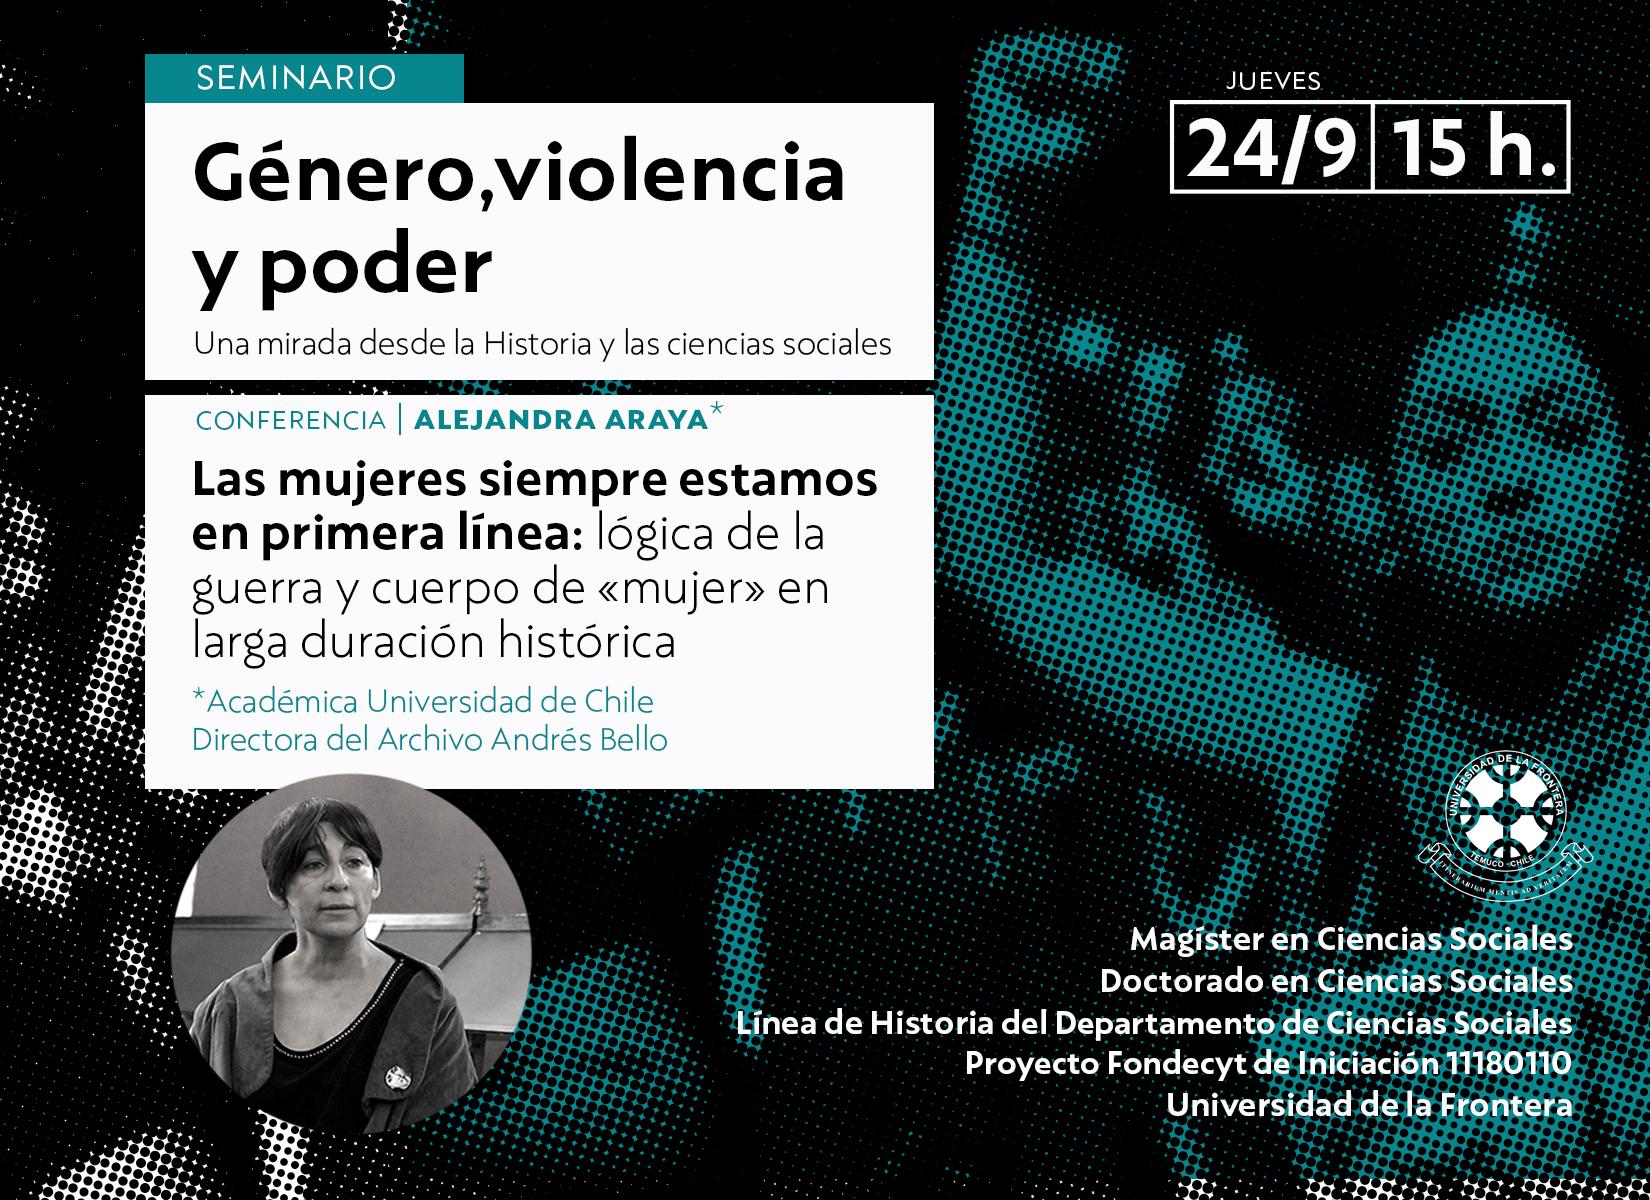 seminario-genero-violencia-poder-2020